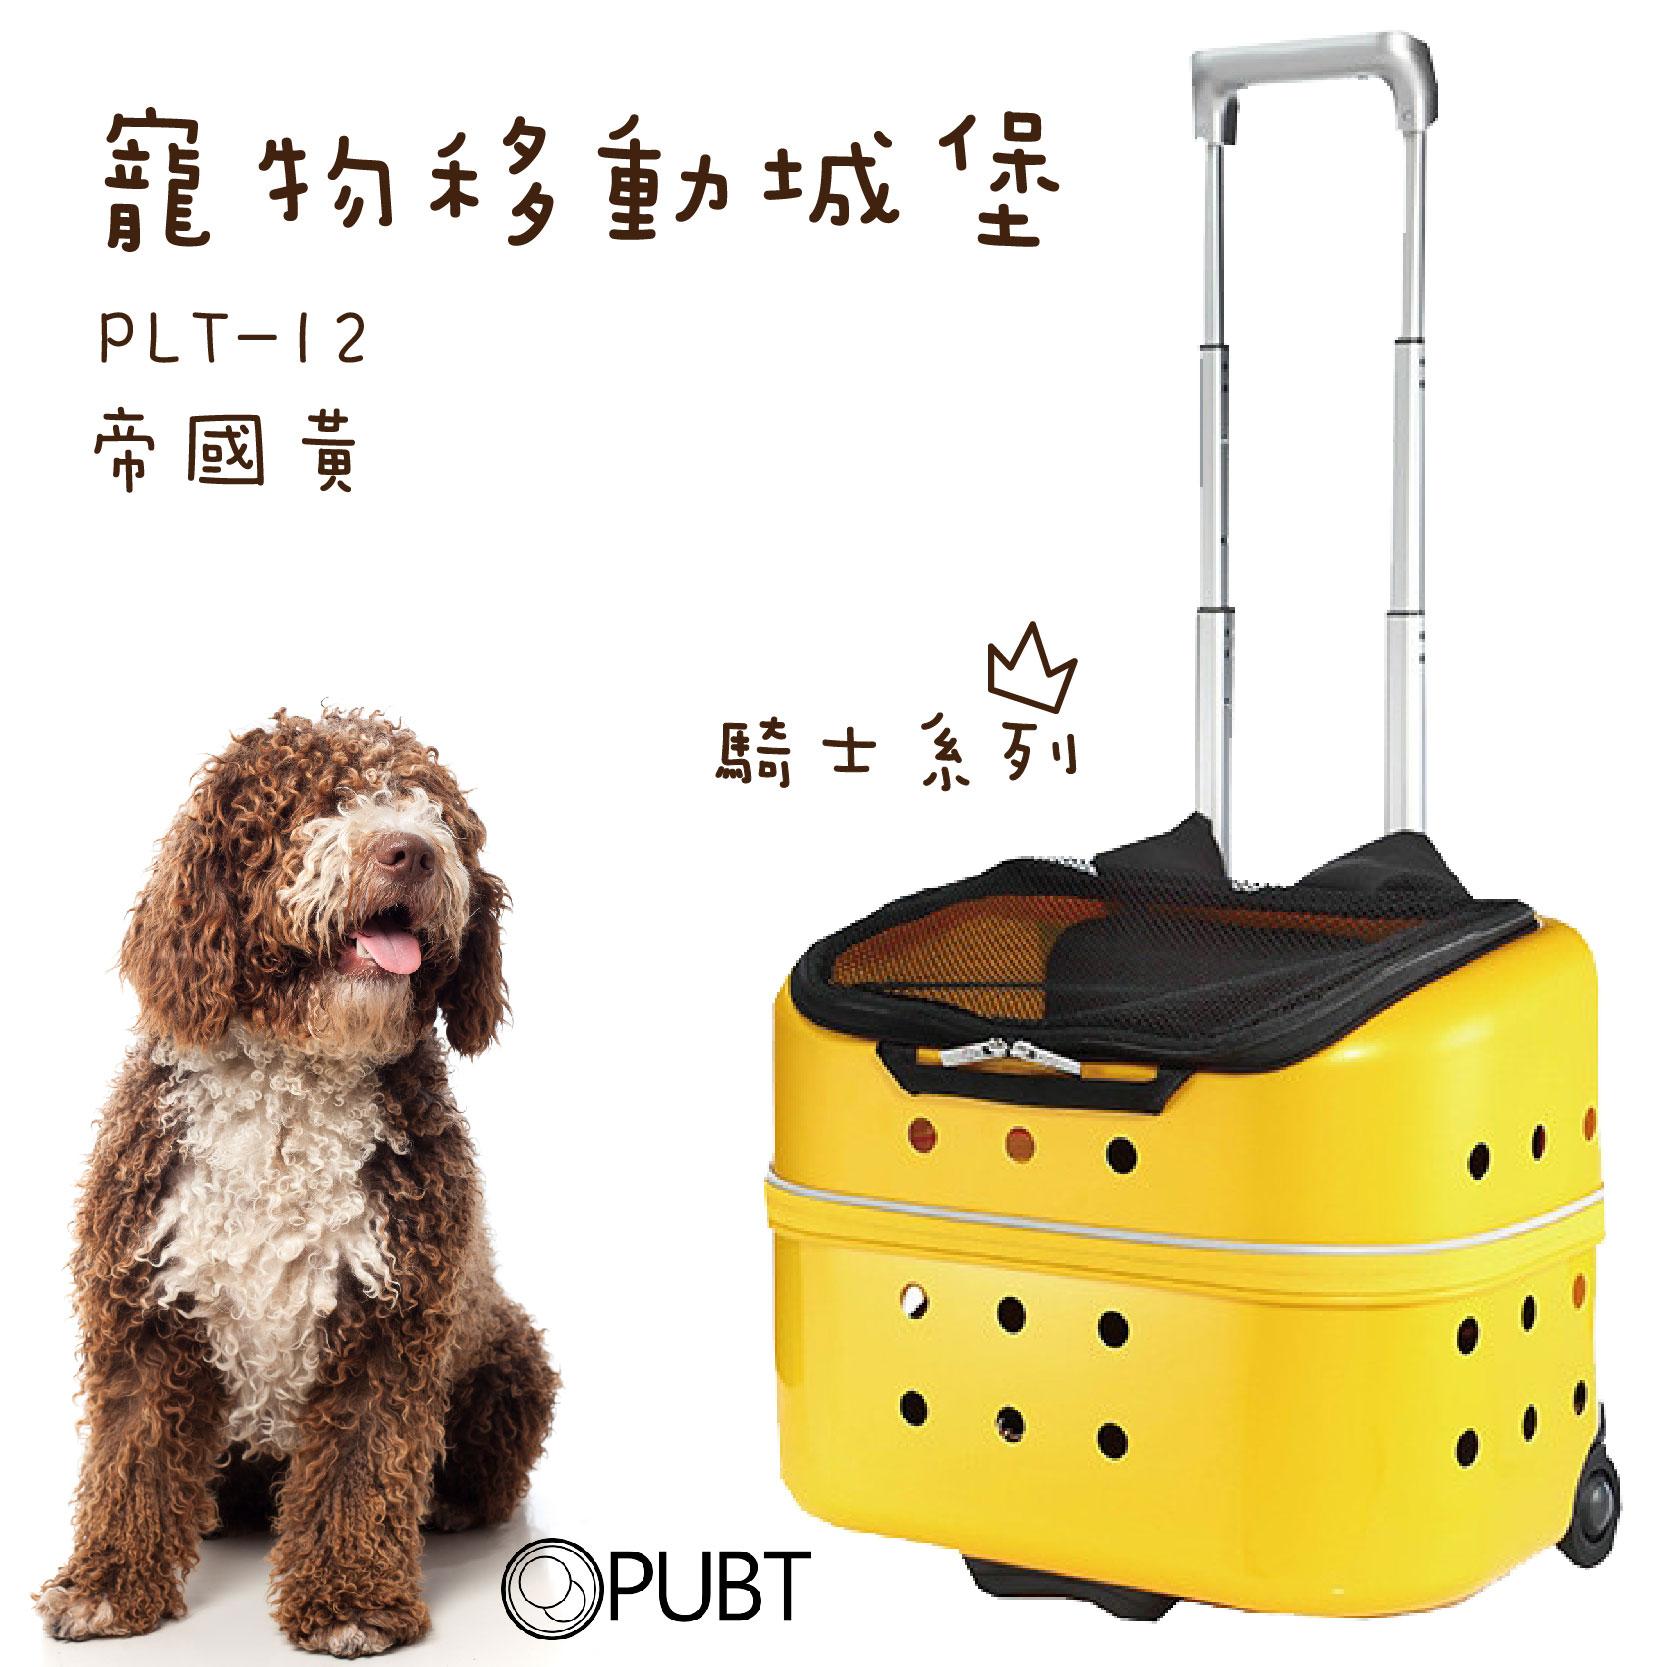 騎士系列│PUBT PLT-12 寵物推車 帝國黃 寵物外出包 寵物拉桿包 寵物 適用9kg以下犬貓